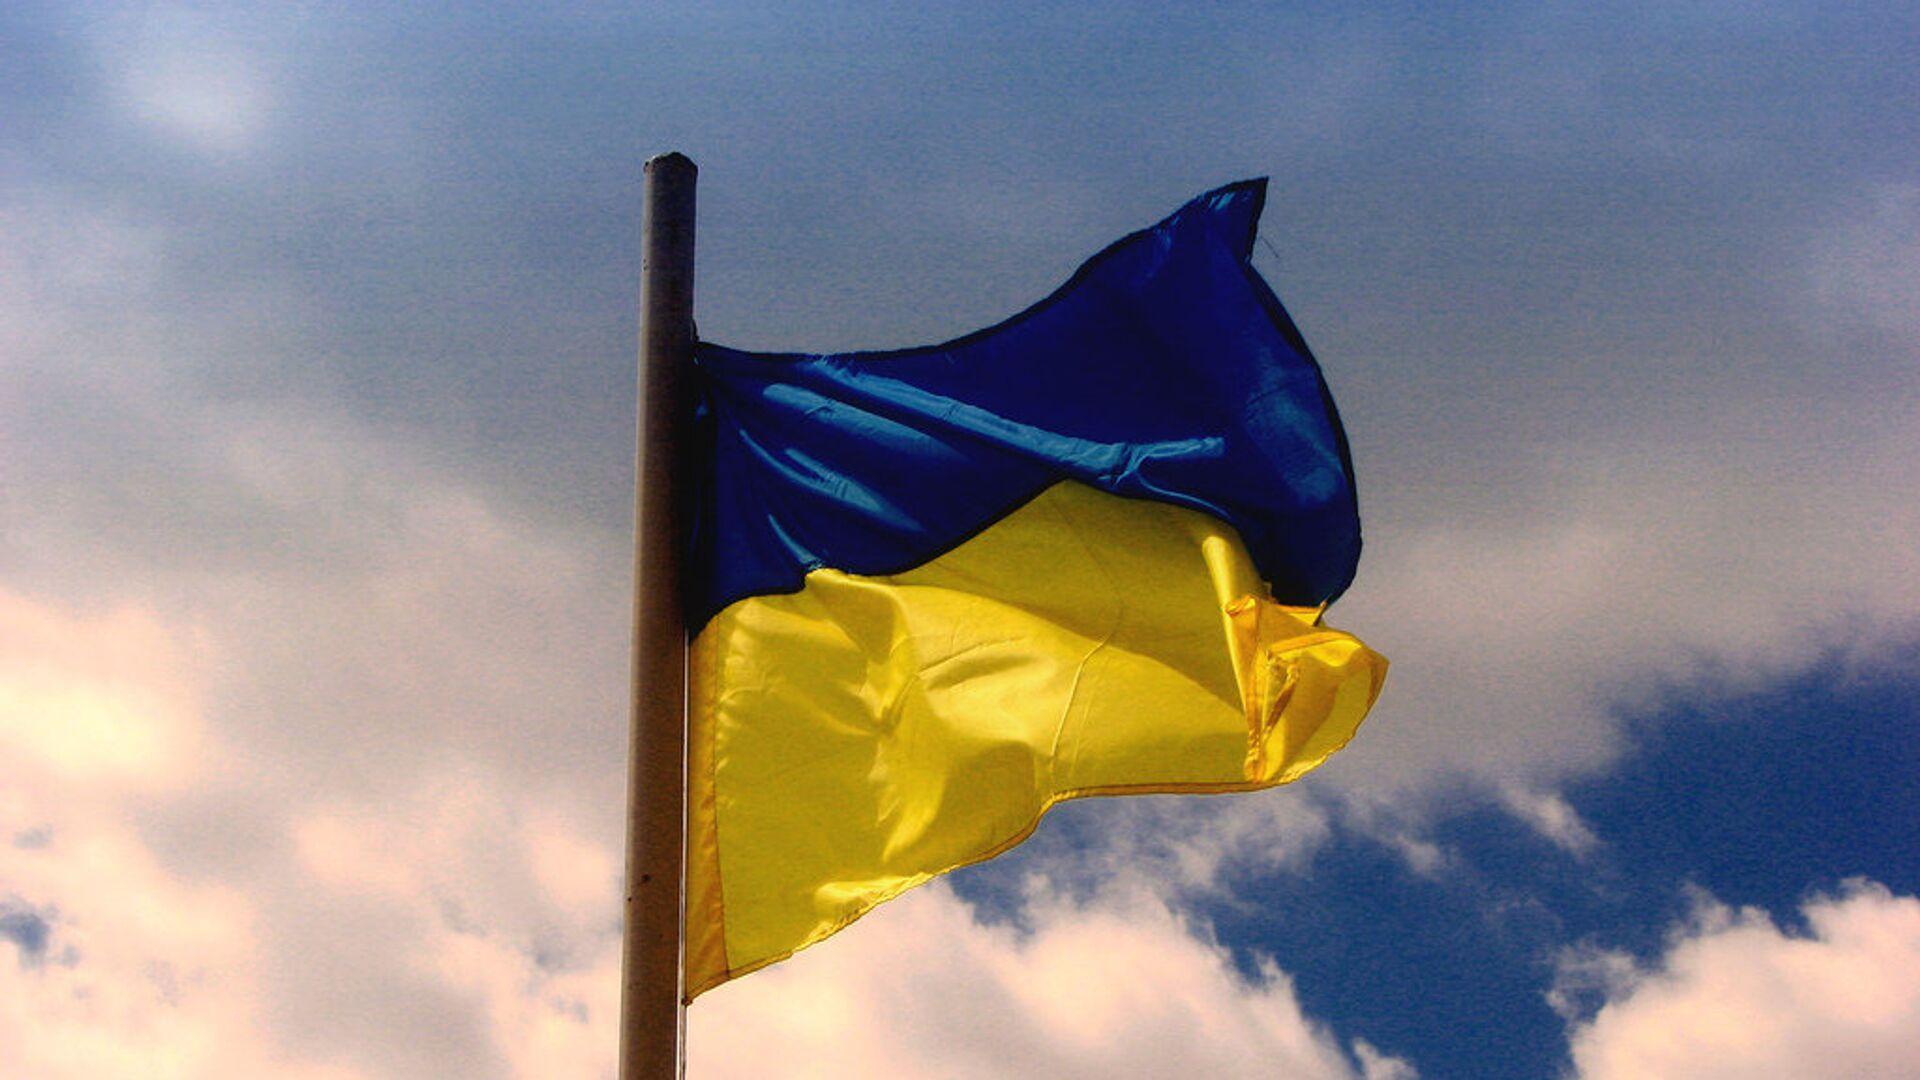 Bandera de Ucrania - Sputnik Mundo, 1920, 18.03.2021